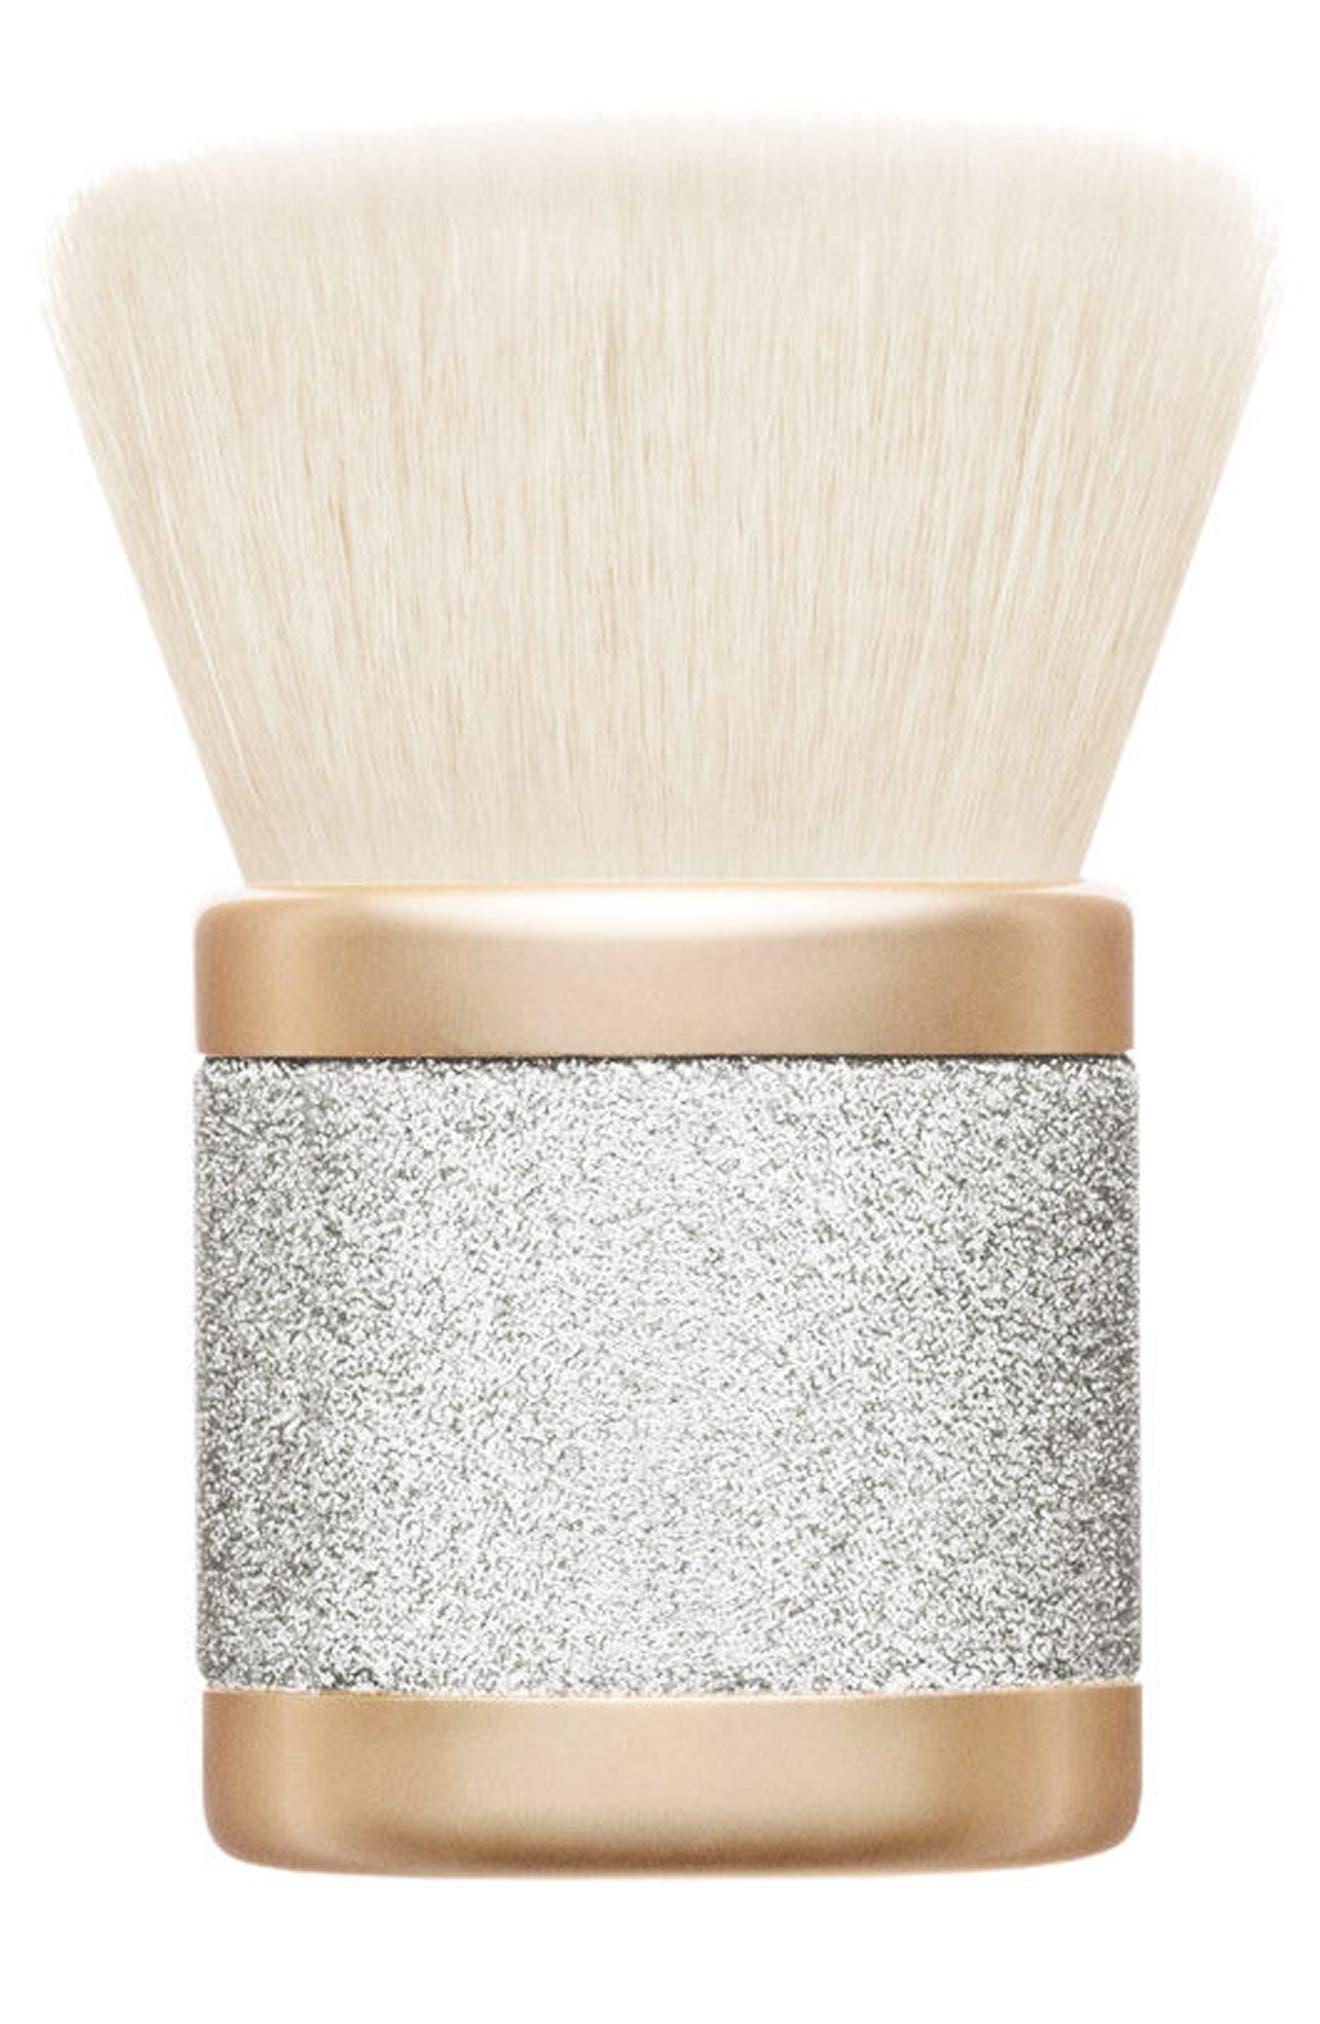 MAC Mariah Carey 183 Buffer Brush,                         Main,                         color, 000